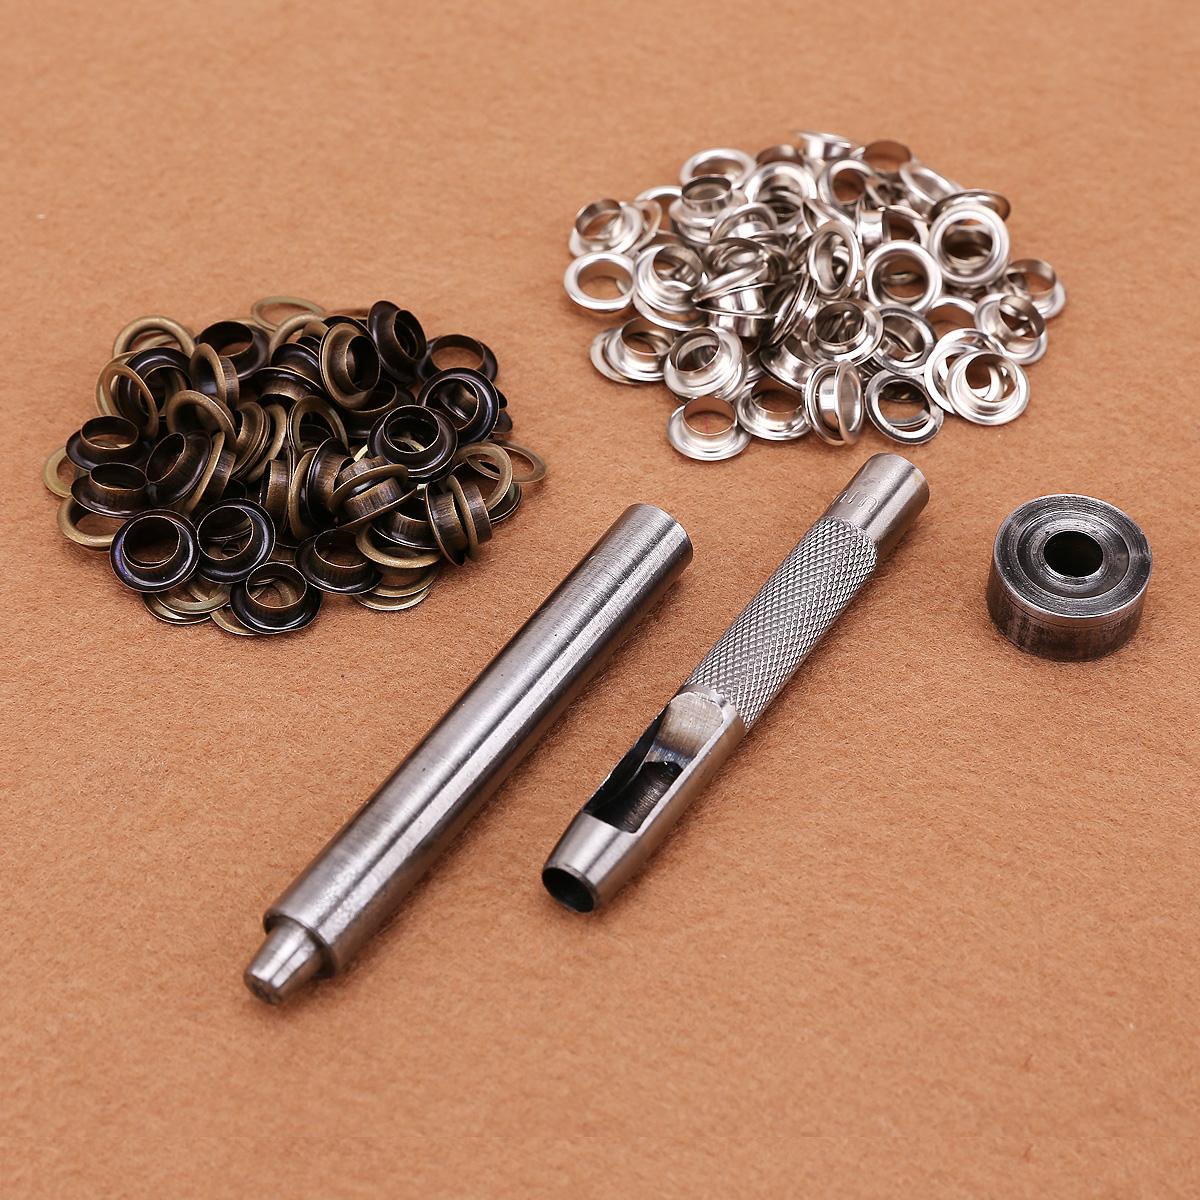 8mm Eyelet Leather Setting Tool Kit Hole Punch with 50 Eyelets Washers